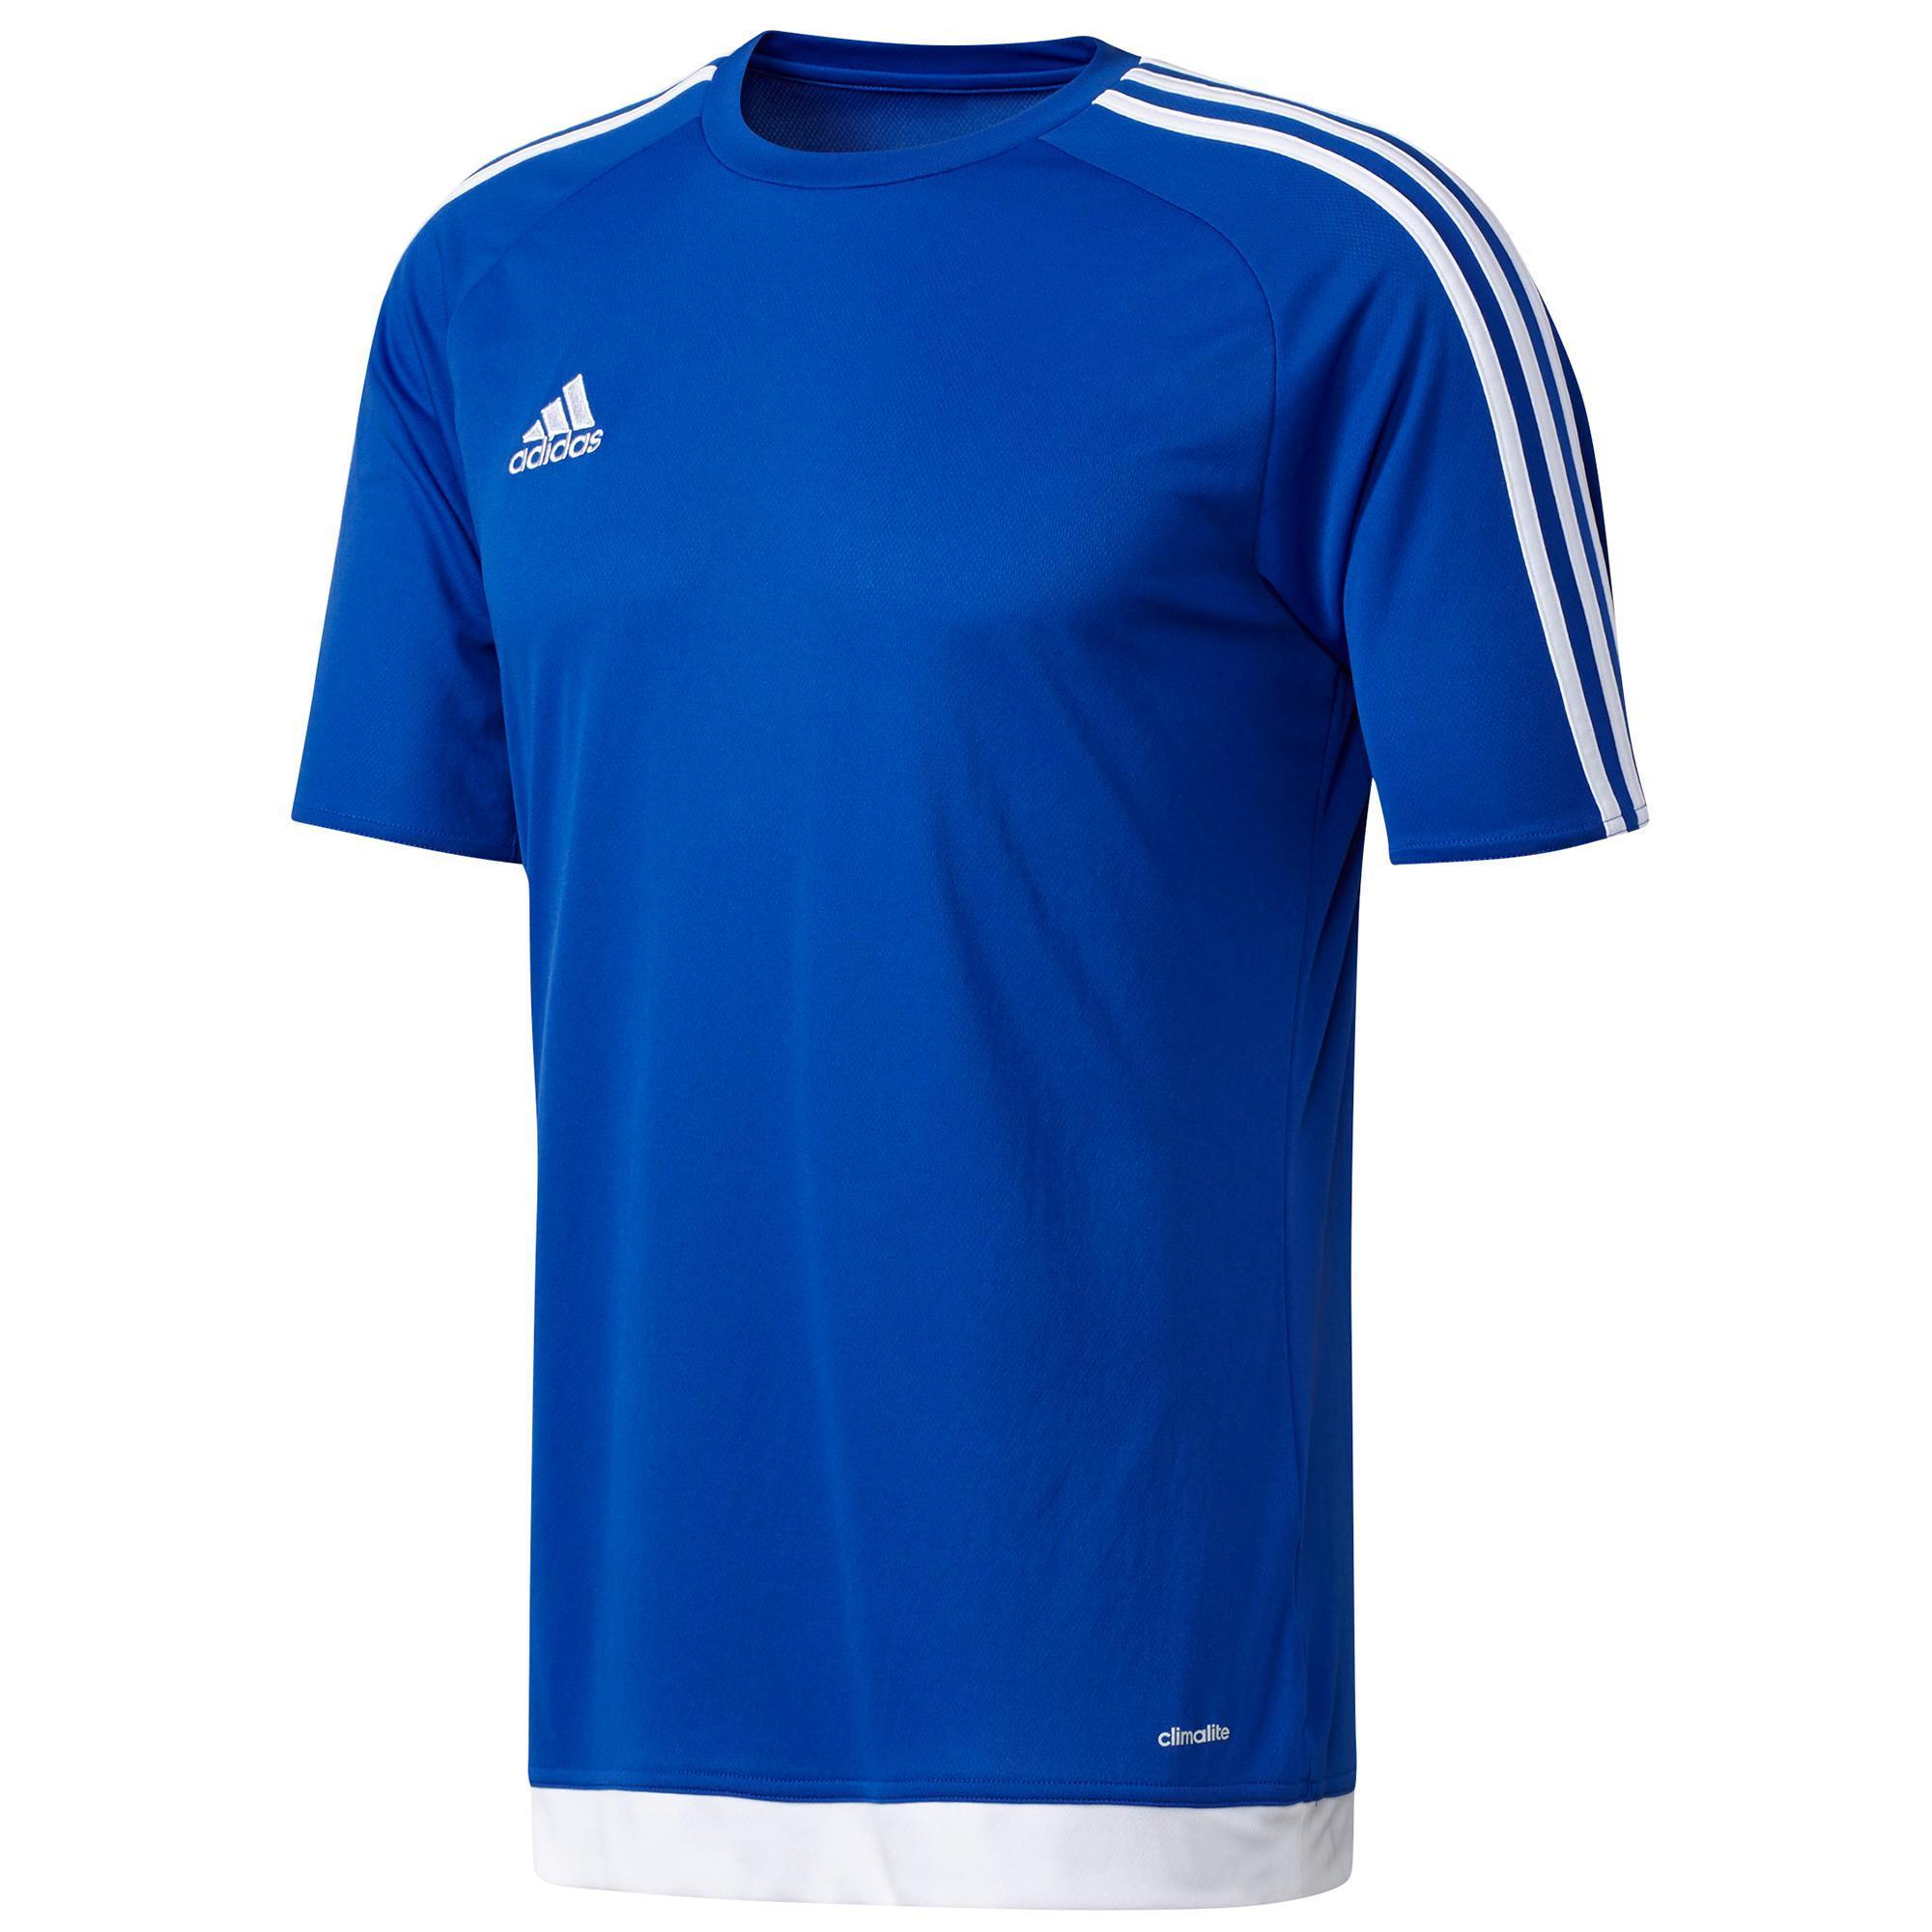 Camiseta de Fútbol Adidas Estro 15 hombre azul 5baa7d5f13756